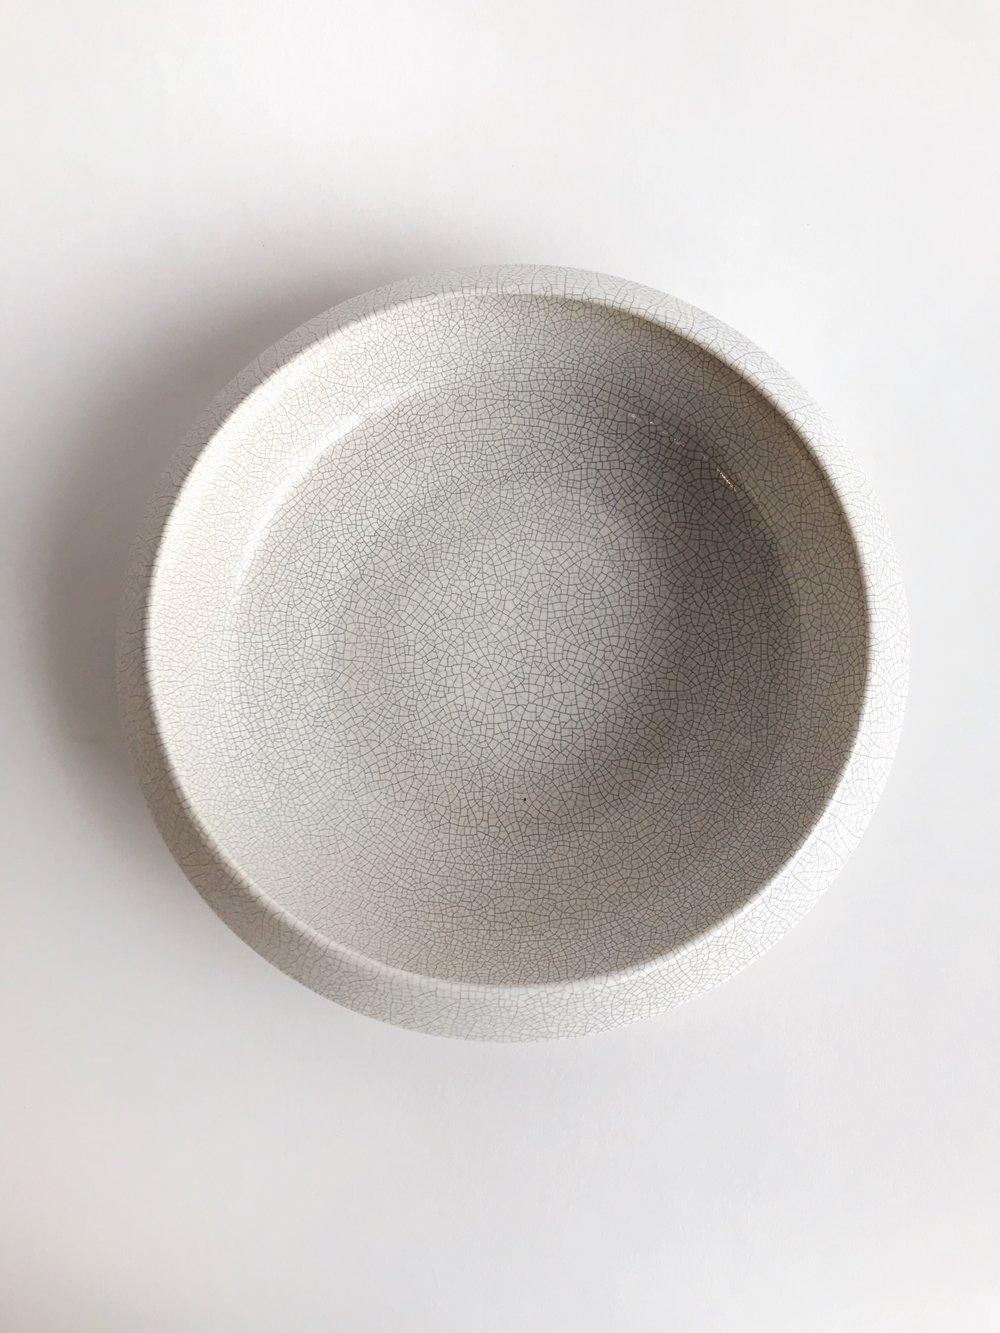 Sorrento white crackle 3.JPG